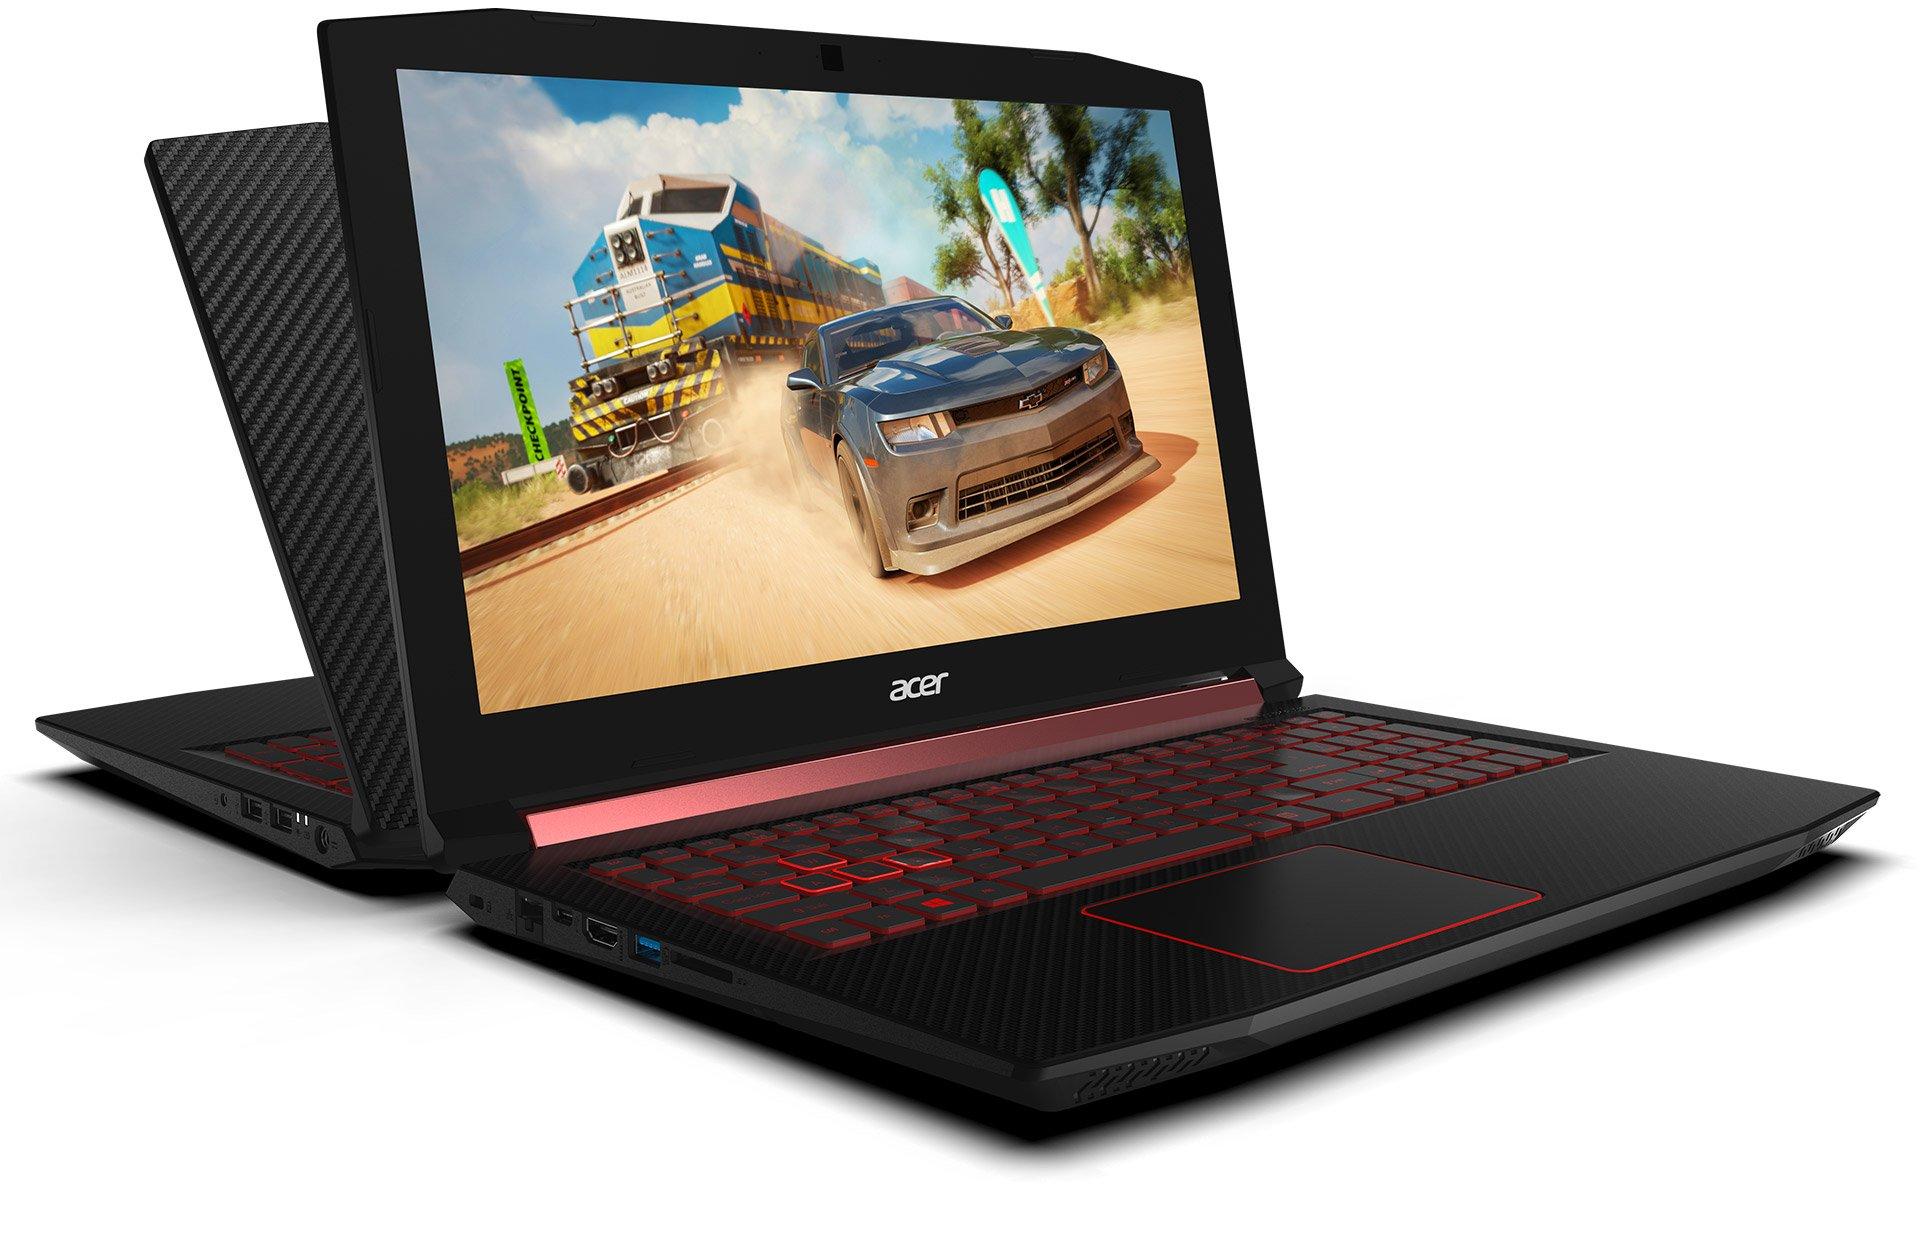 Ігровий ноутбук за розумні гроші: огляд Acer Nitro 5 AN515-52-71CK